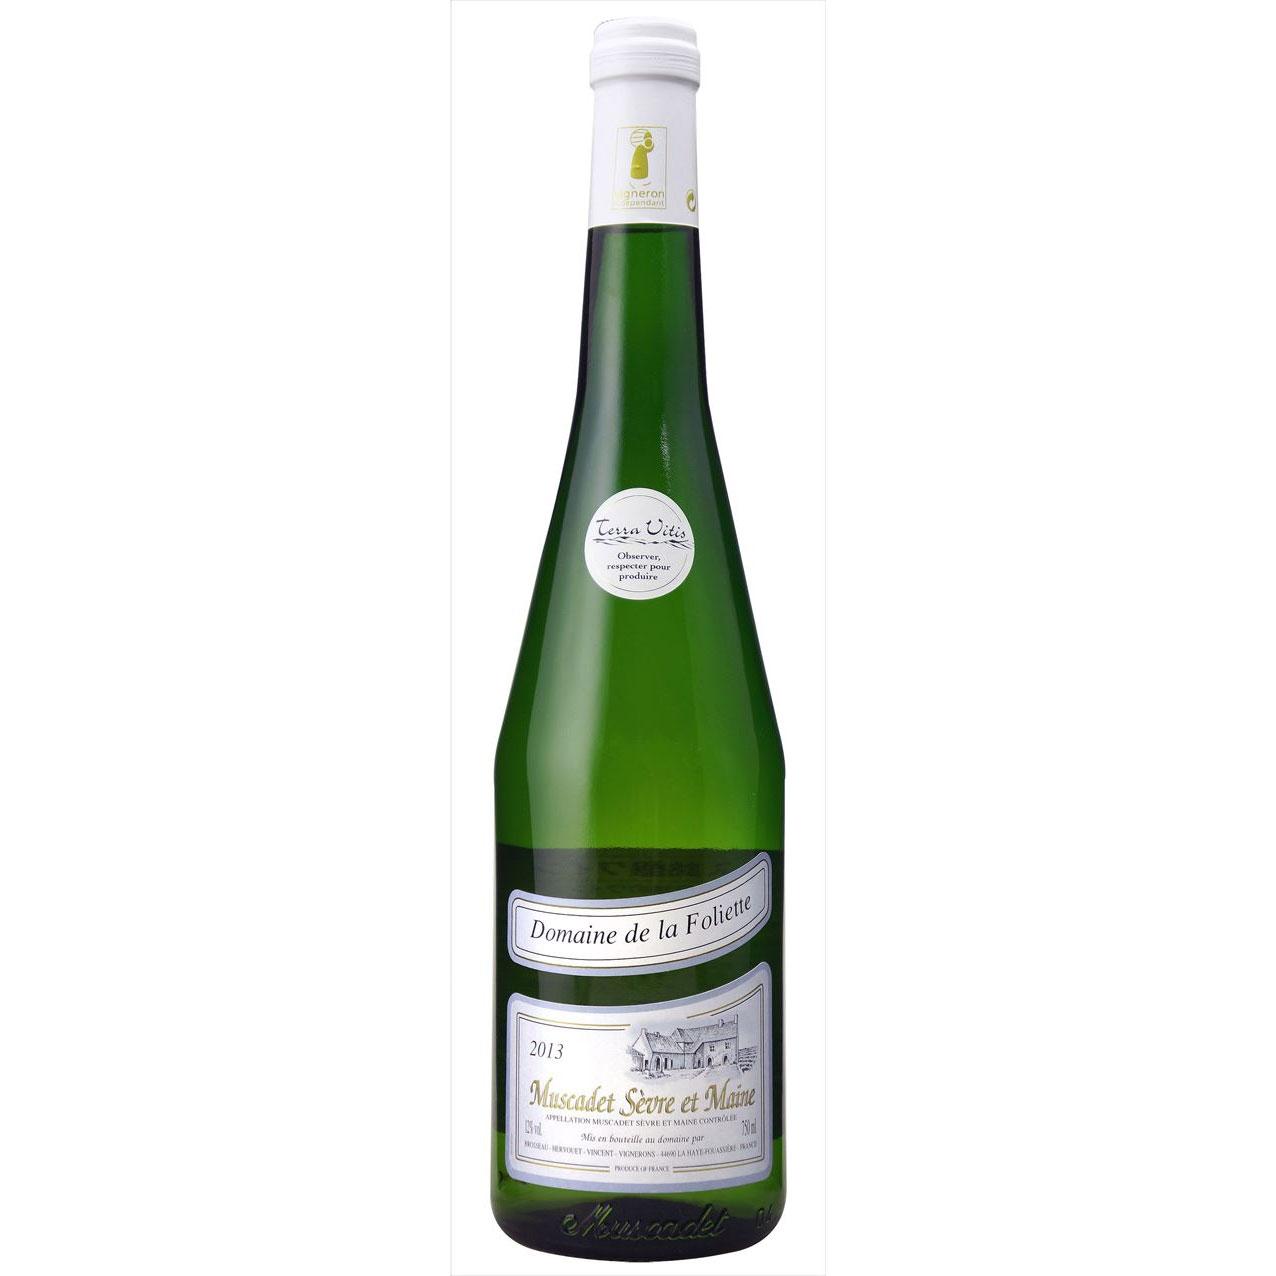 【ラッキーシール対応】母の日 ギフト ミュスカデ セーヴル エ メーヌ Dom.ド ラ フォリエット ドメーヌ ド ラ フォリエット 白 750ml 12本 フランス ロワール 白ワイン 送料無料 コンビニ受取対応商品 ヴィンテージ管理しておりません、変わる場合があります